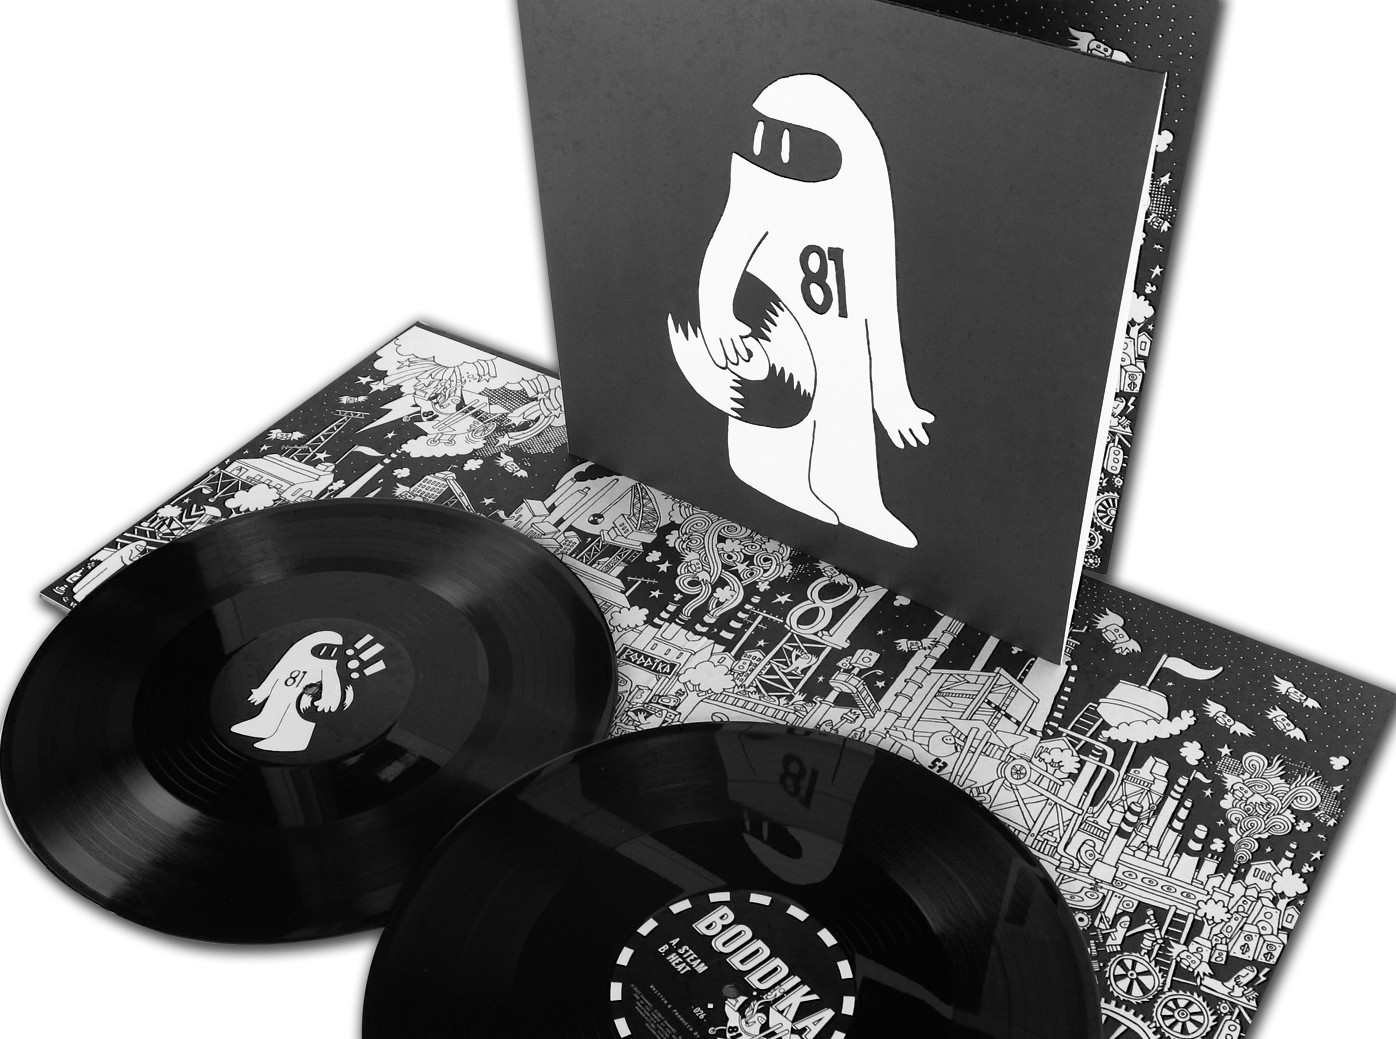 Boddika - Steam EP